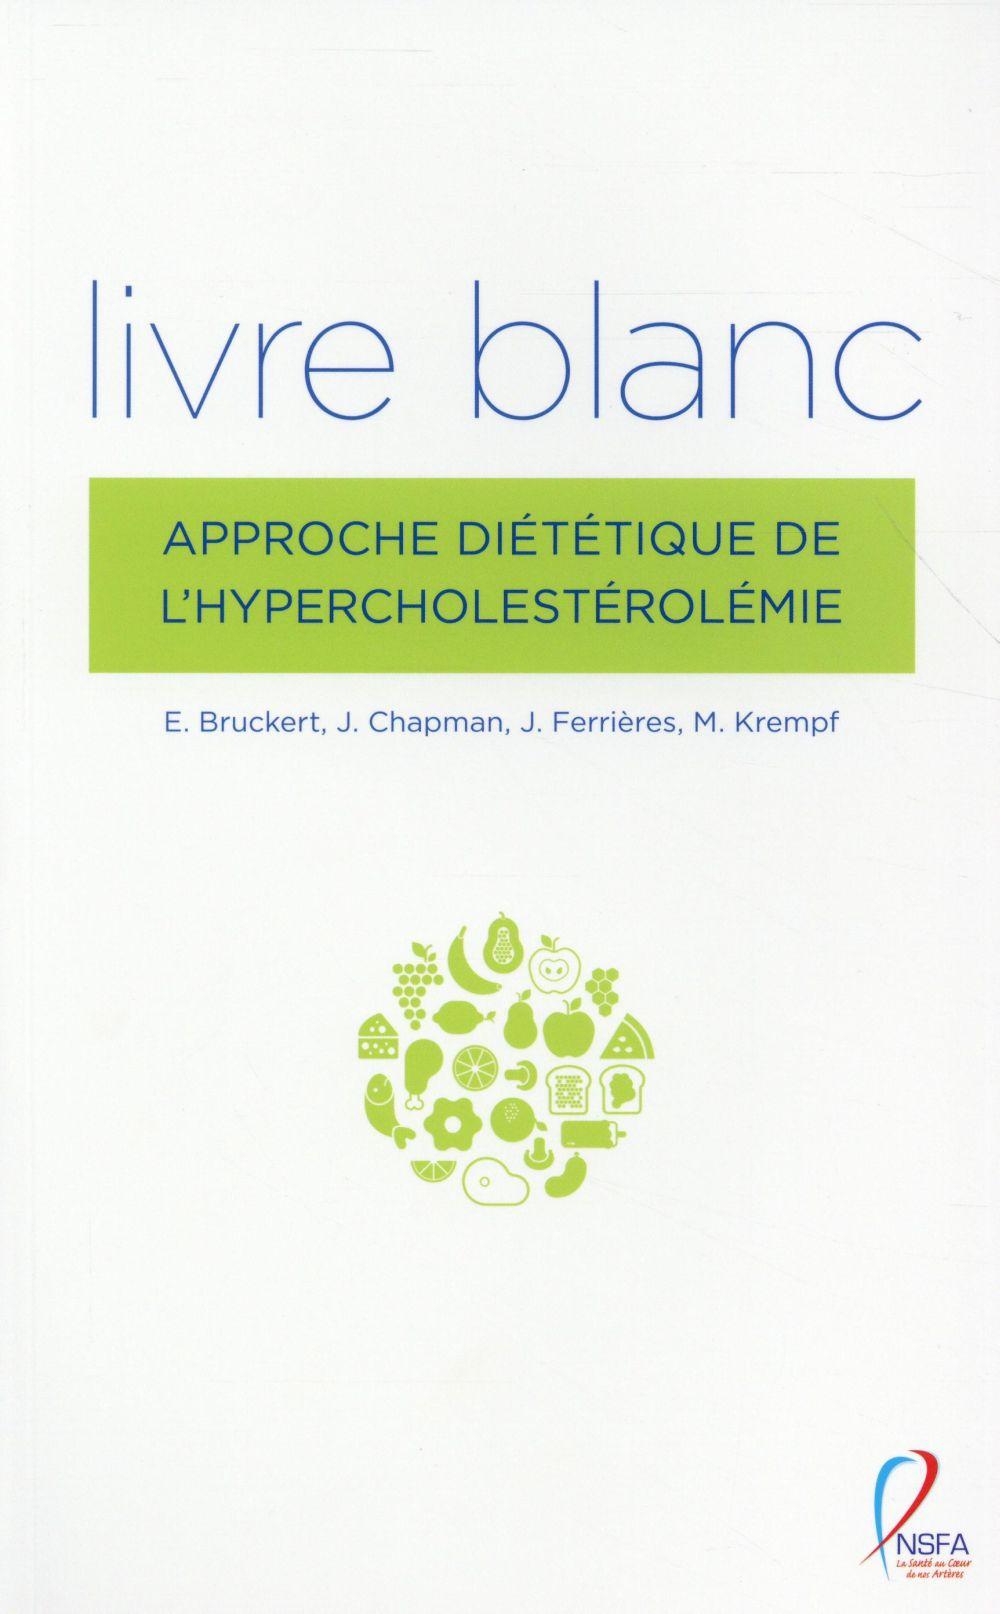 Livre blanc. approche diététique de l'hypercholestérolémie